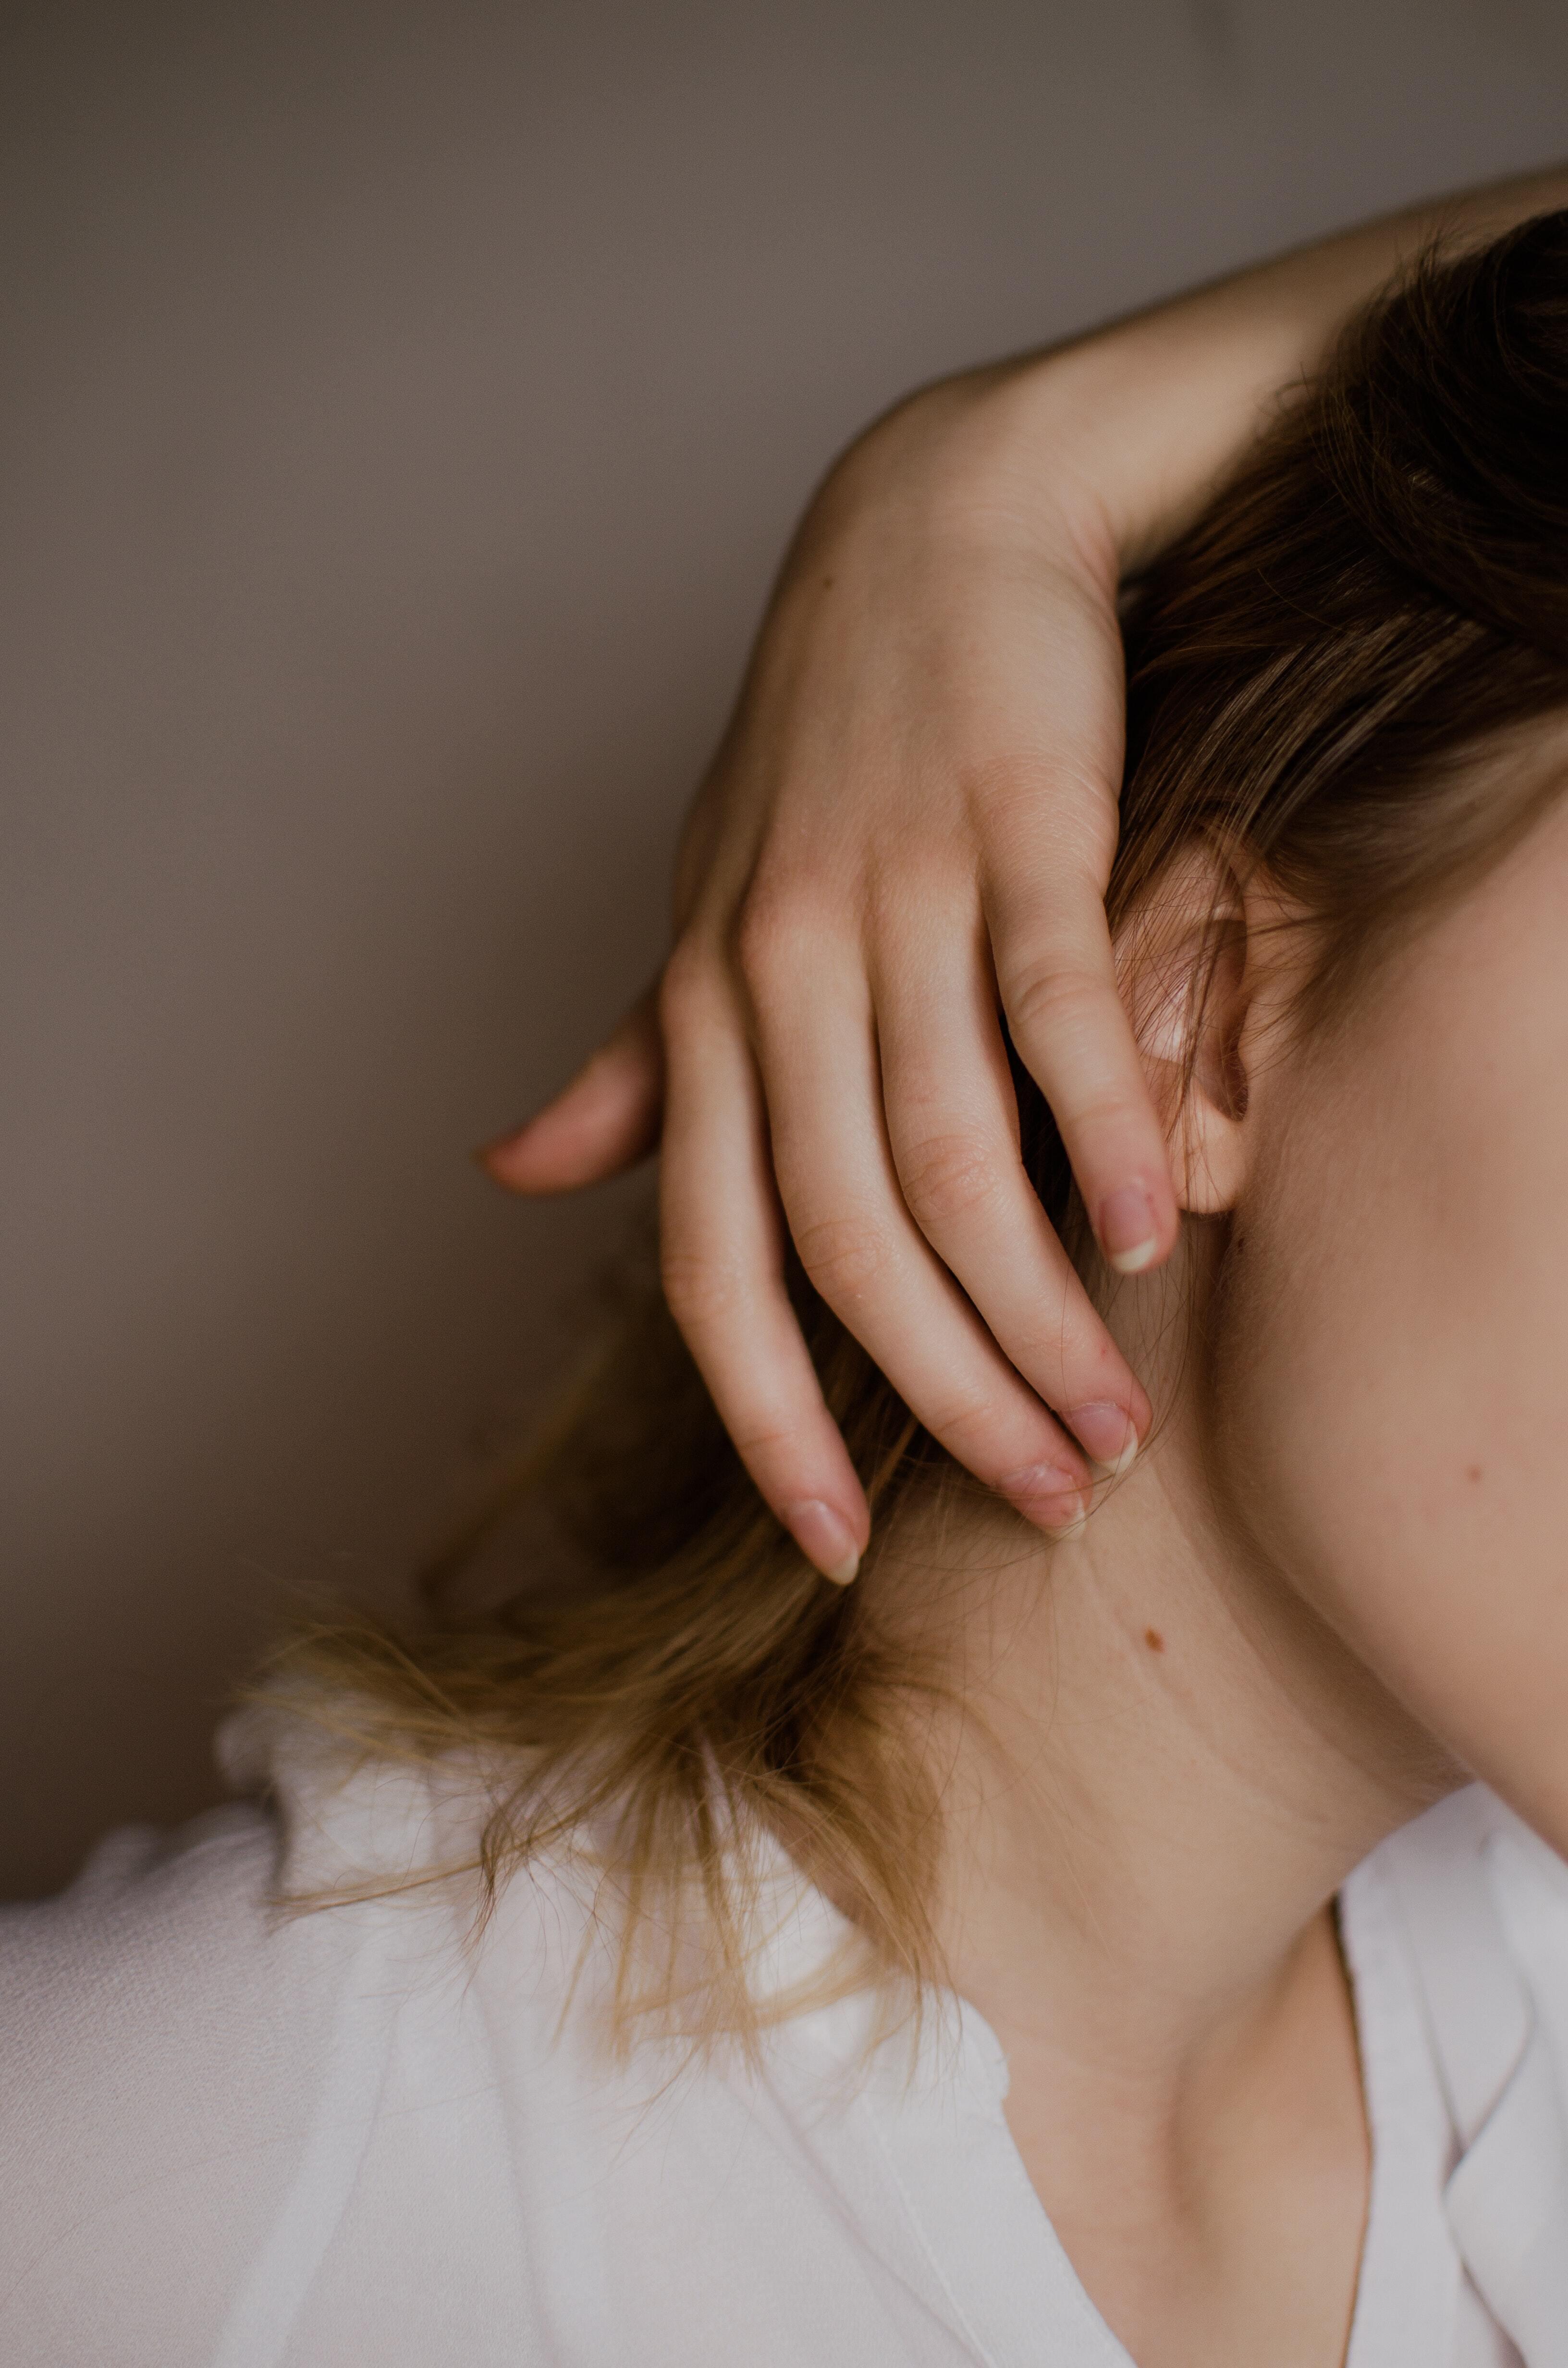 圖一:皮膚上長了顆新痣?現在只要把痣拍照上傳,就能進行簡單的線上診斷。圖片來源/Pexels。